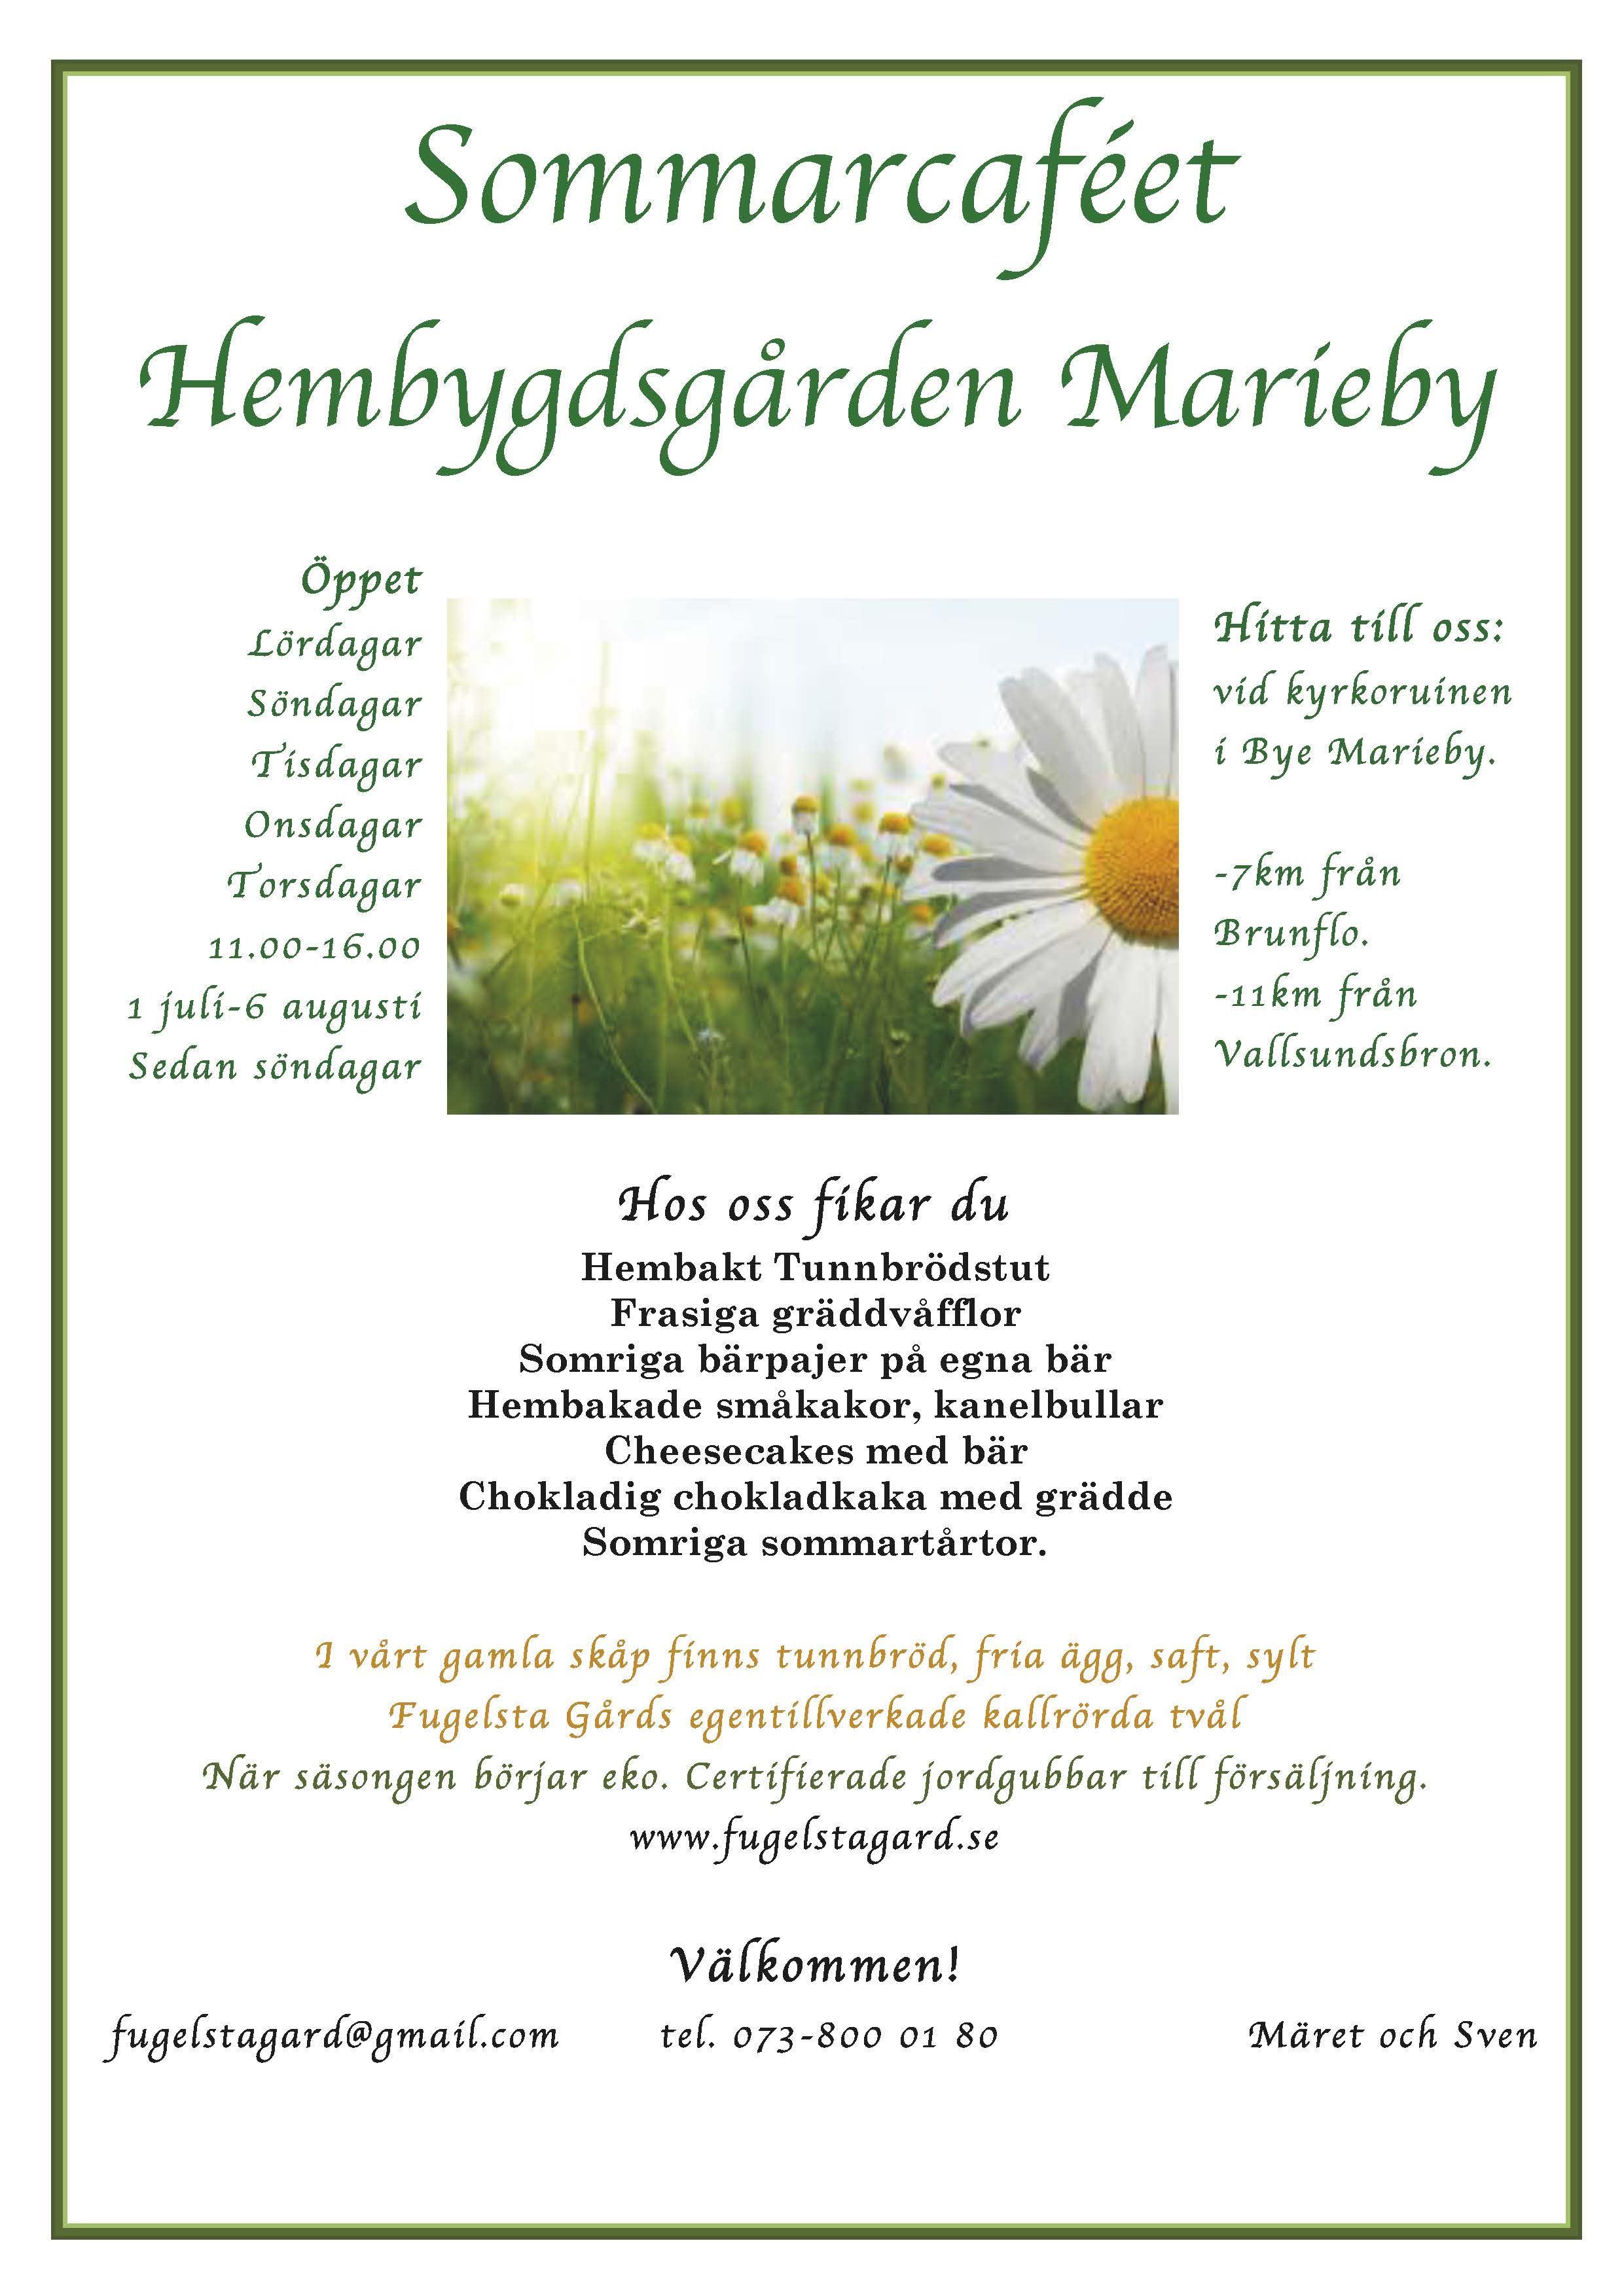 © Hembygdsgården Marieby, Affisch med en bild på blommor och information om caféet